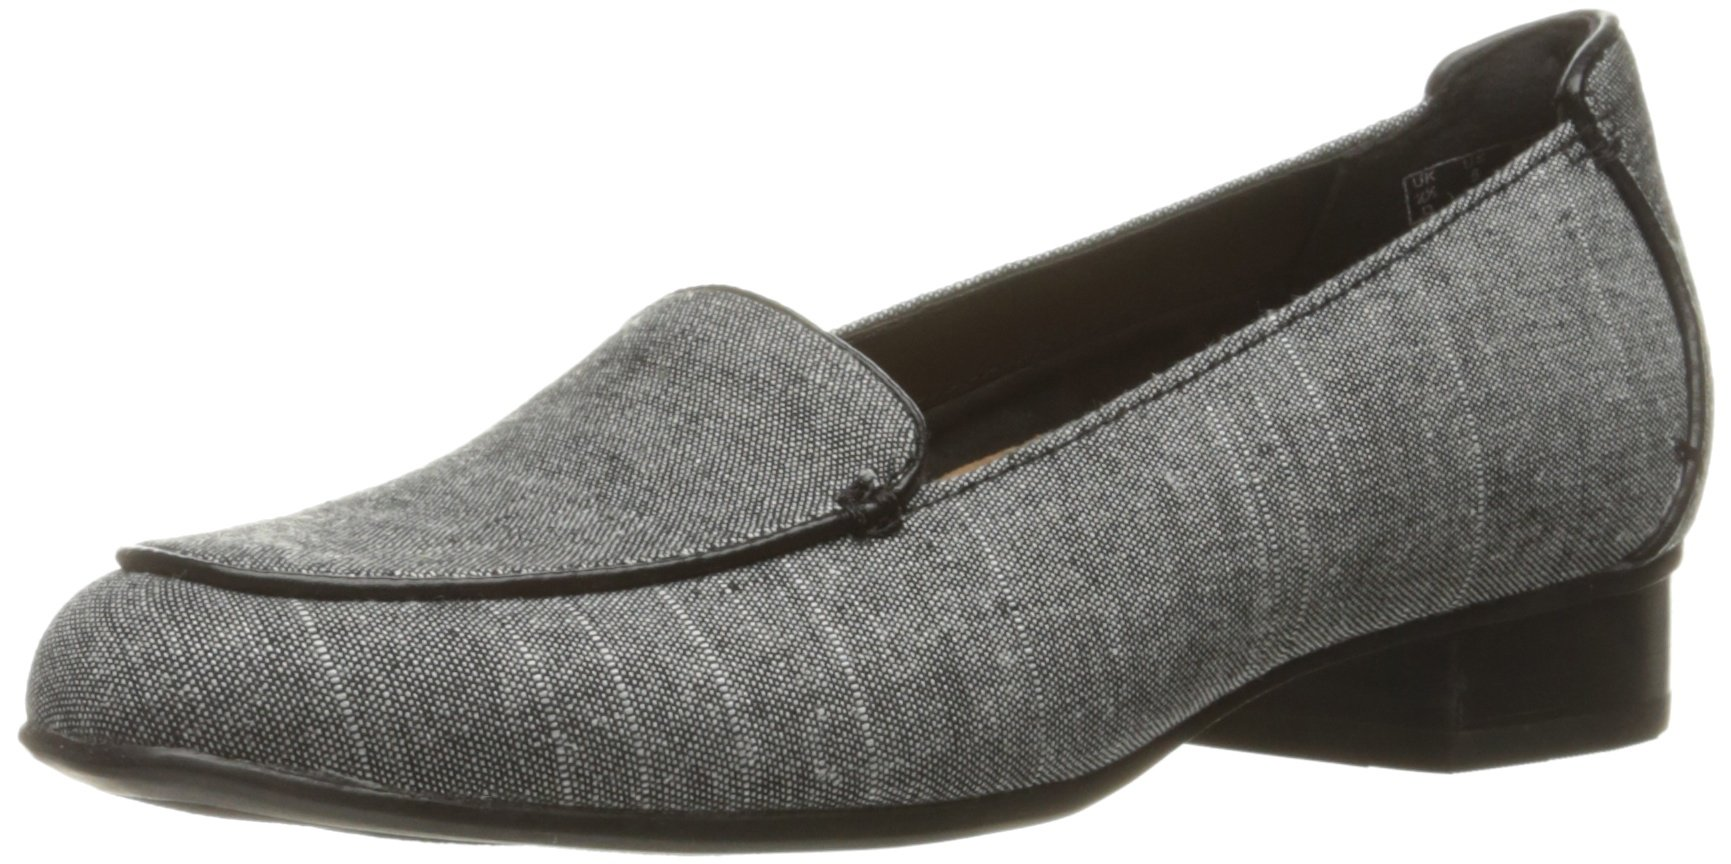 Clarks Women's Keesha Luca Slip-on Loafer, Black Linen, 11 N US